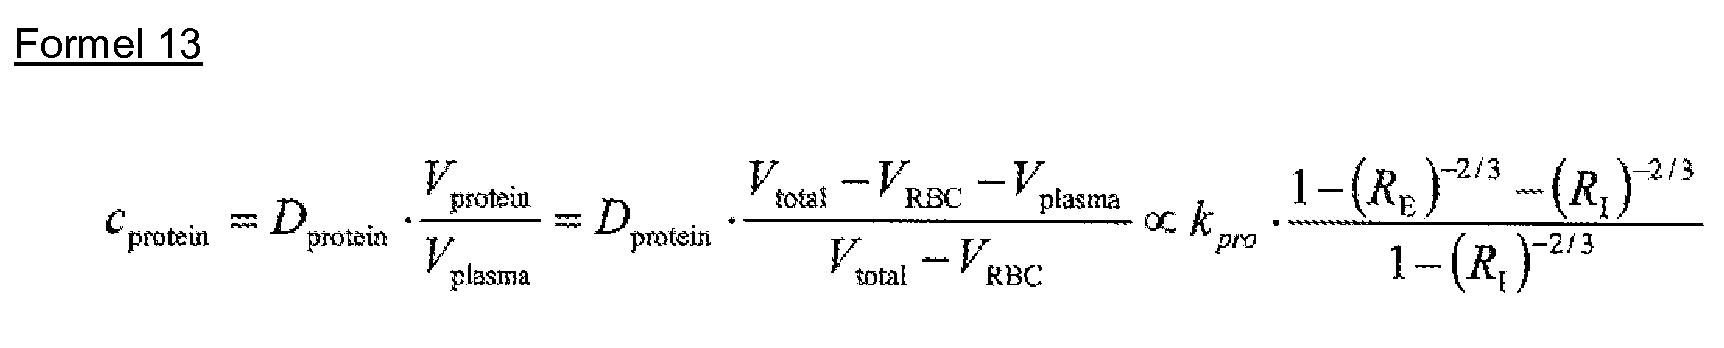 Figure imgf000021_0003